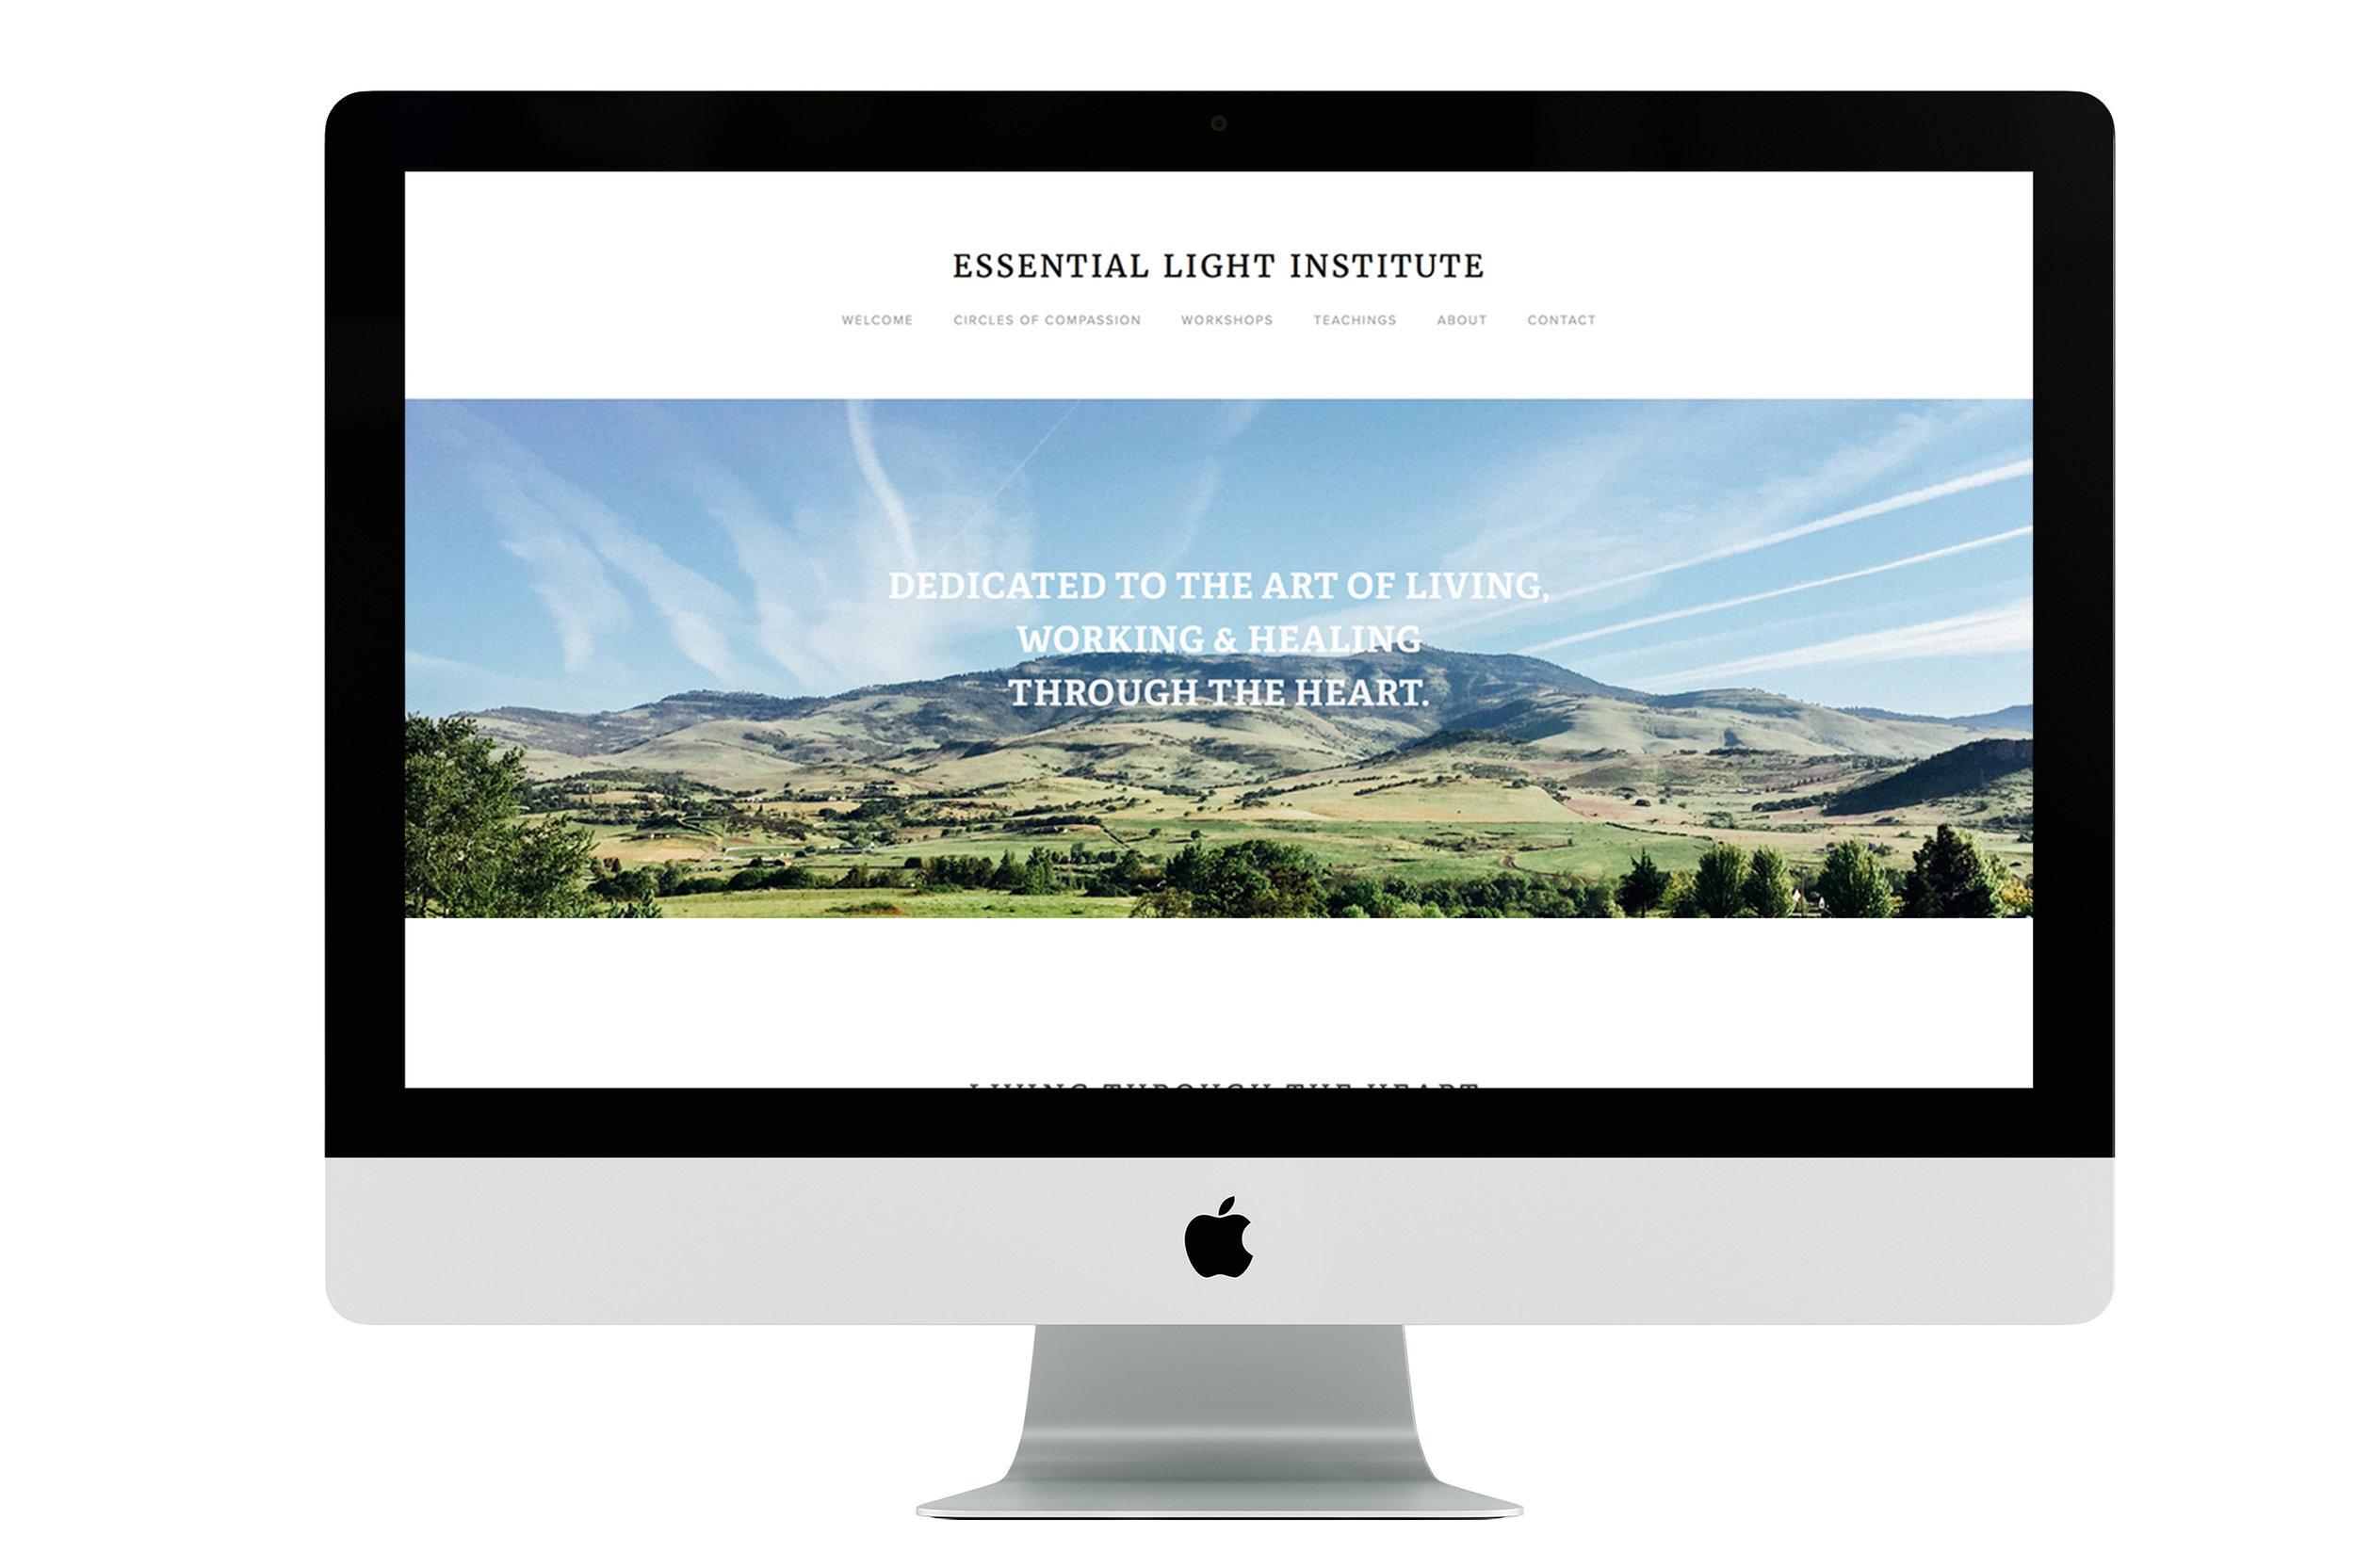 web_design_kdc_essential_light_institute.jpg